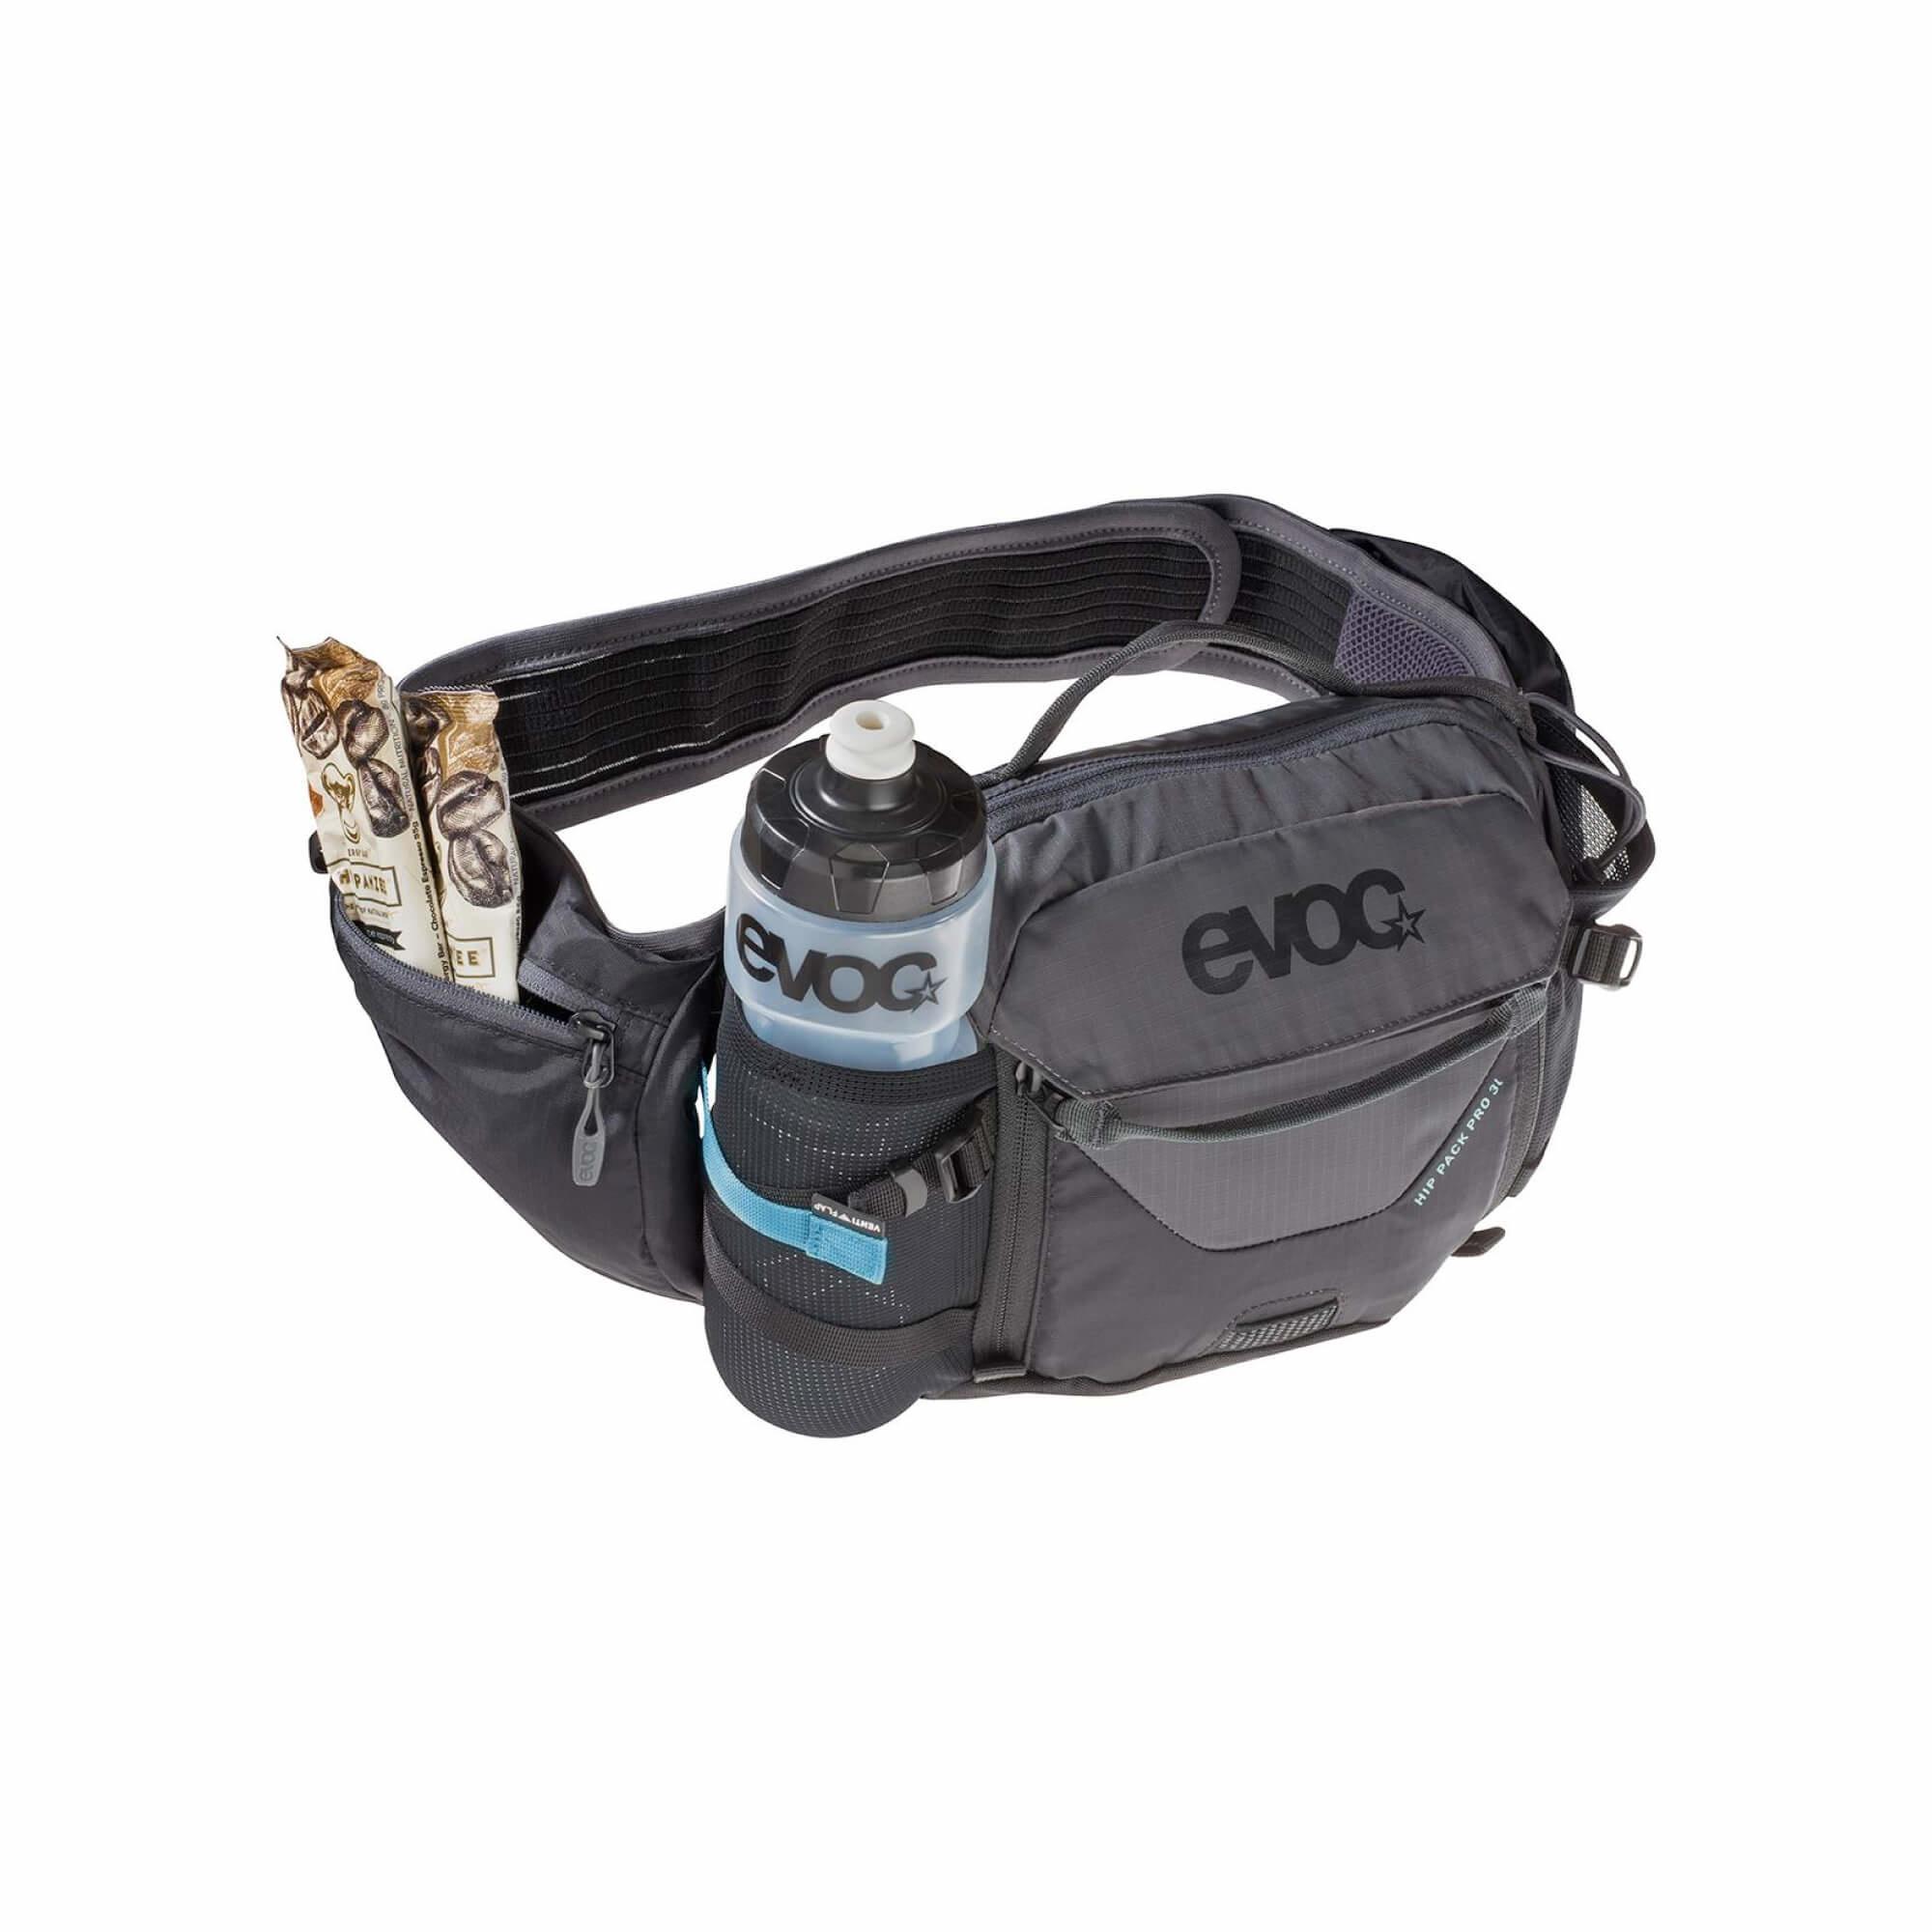 Hip Pack Pro 3L + 1.5L Bladder-8